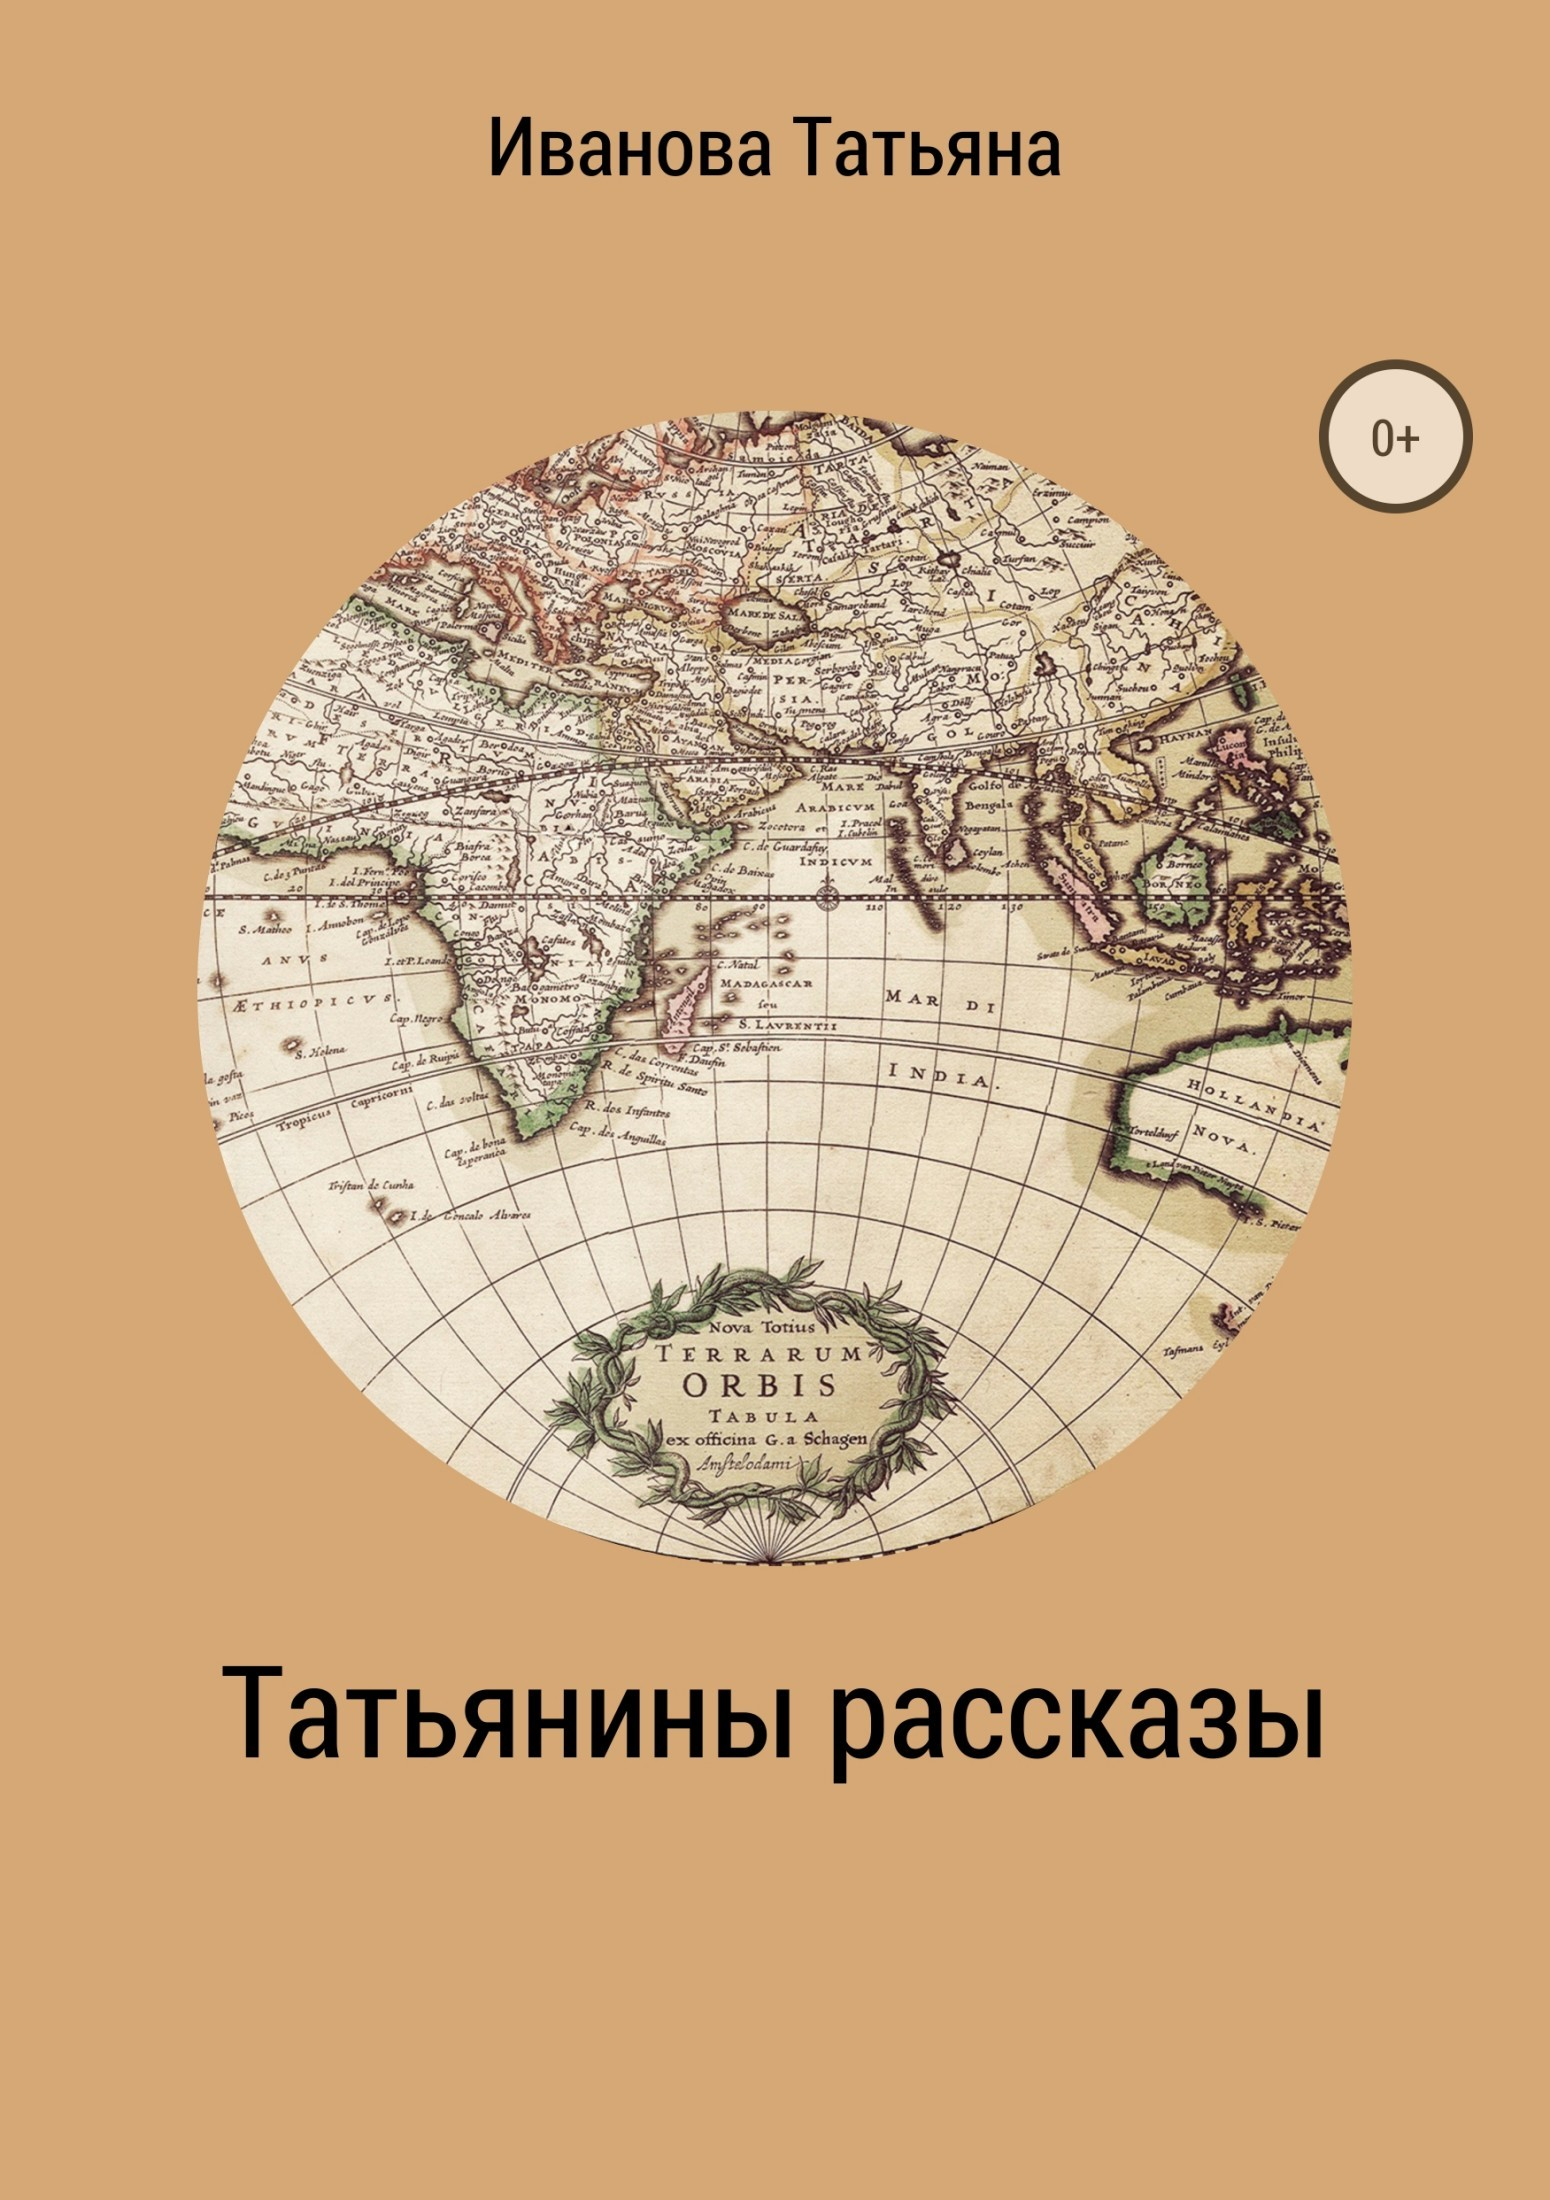 Первая страница издания 36/34/62/36346241.bin.dir/36346241.cover.jpg обложка